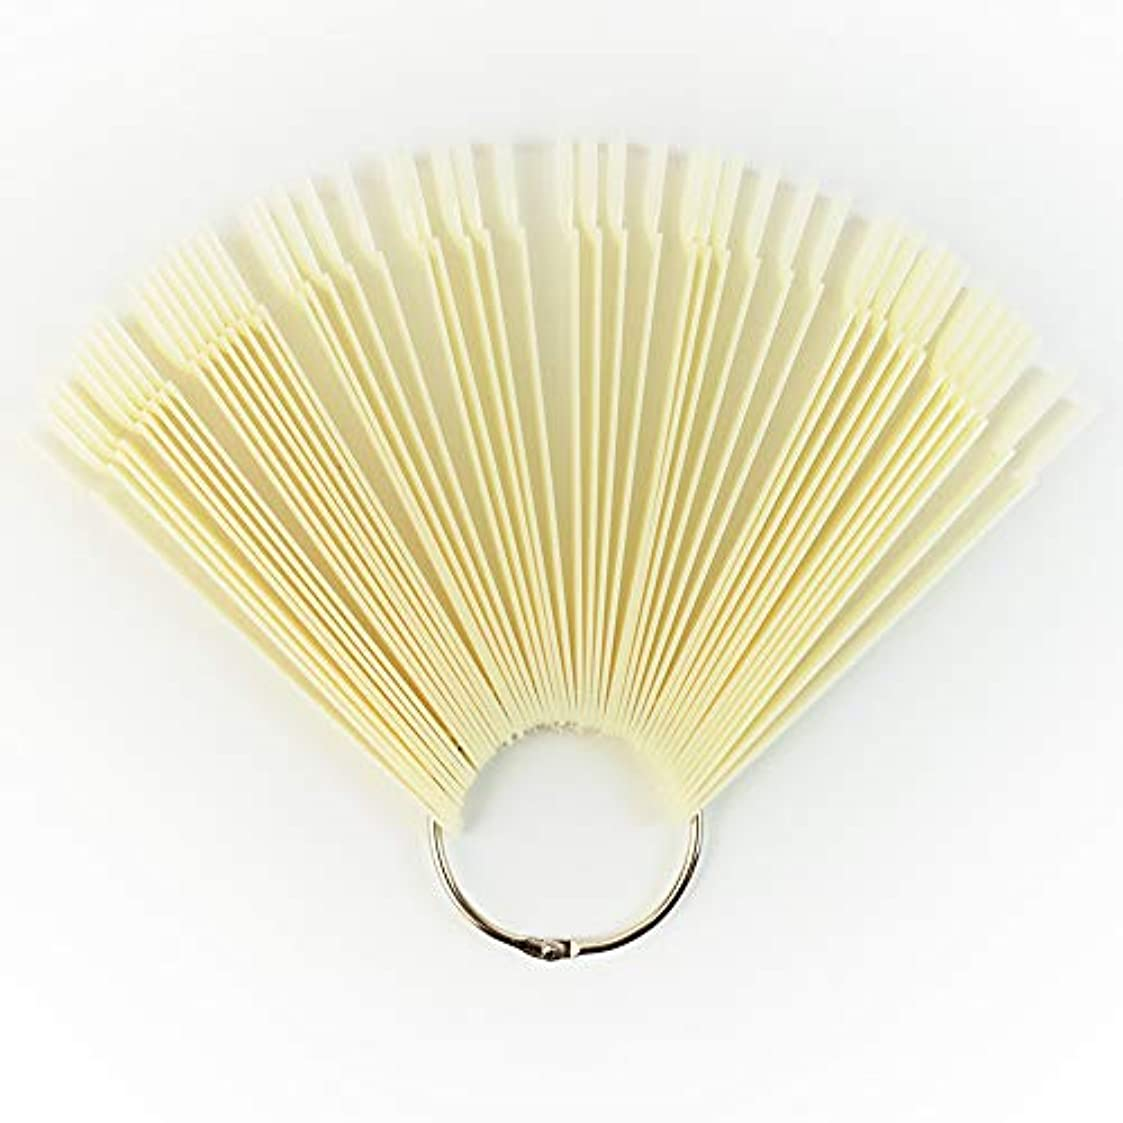 雨のどこにもチューリップメーリンドス ネイルサロンネイルアートツール ネイルチップスティックチップ プロネイリストカラーチャートディスプレイ リングタイプ 練習用 50枚セット 5色選択可能 (ベージュ)